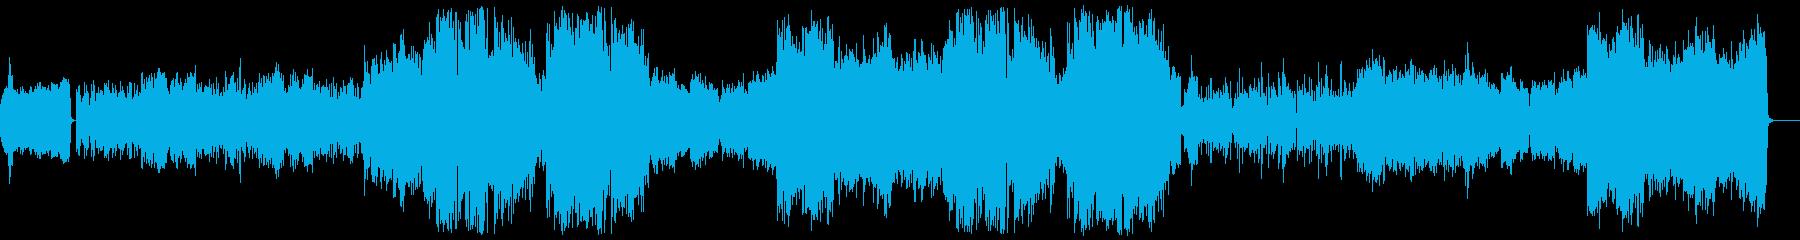 温: 切なさのあるアコーディオンワルツの再生済みの波形